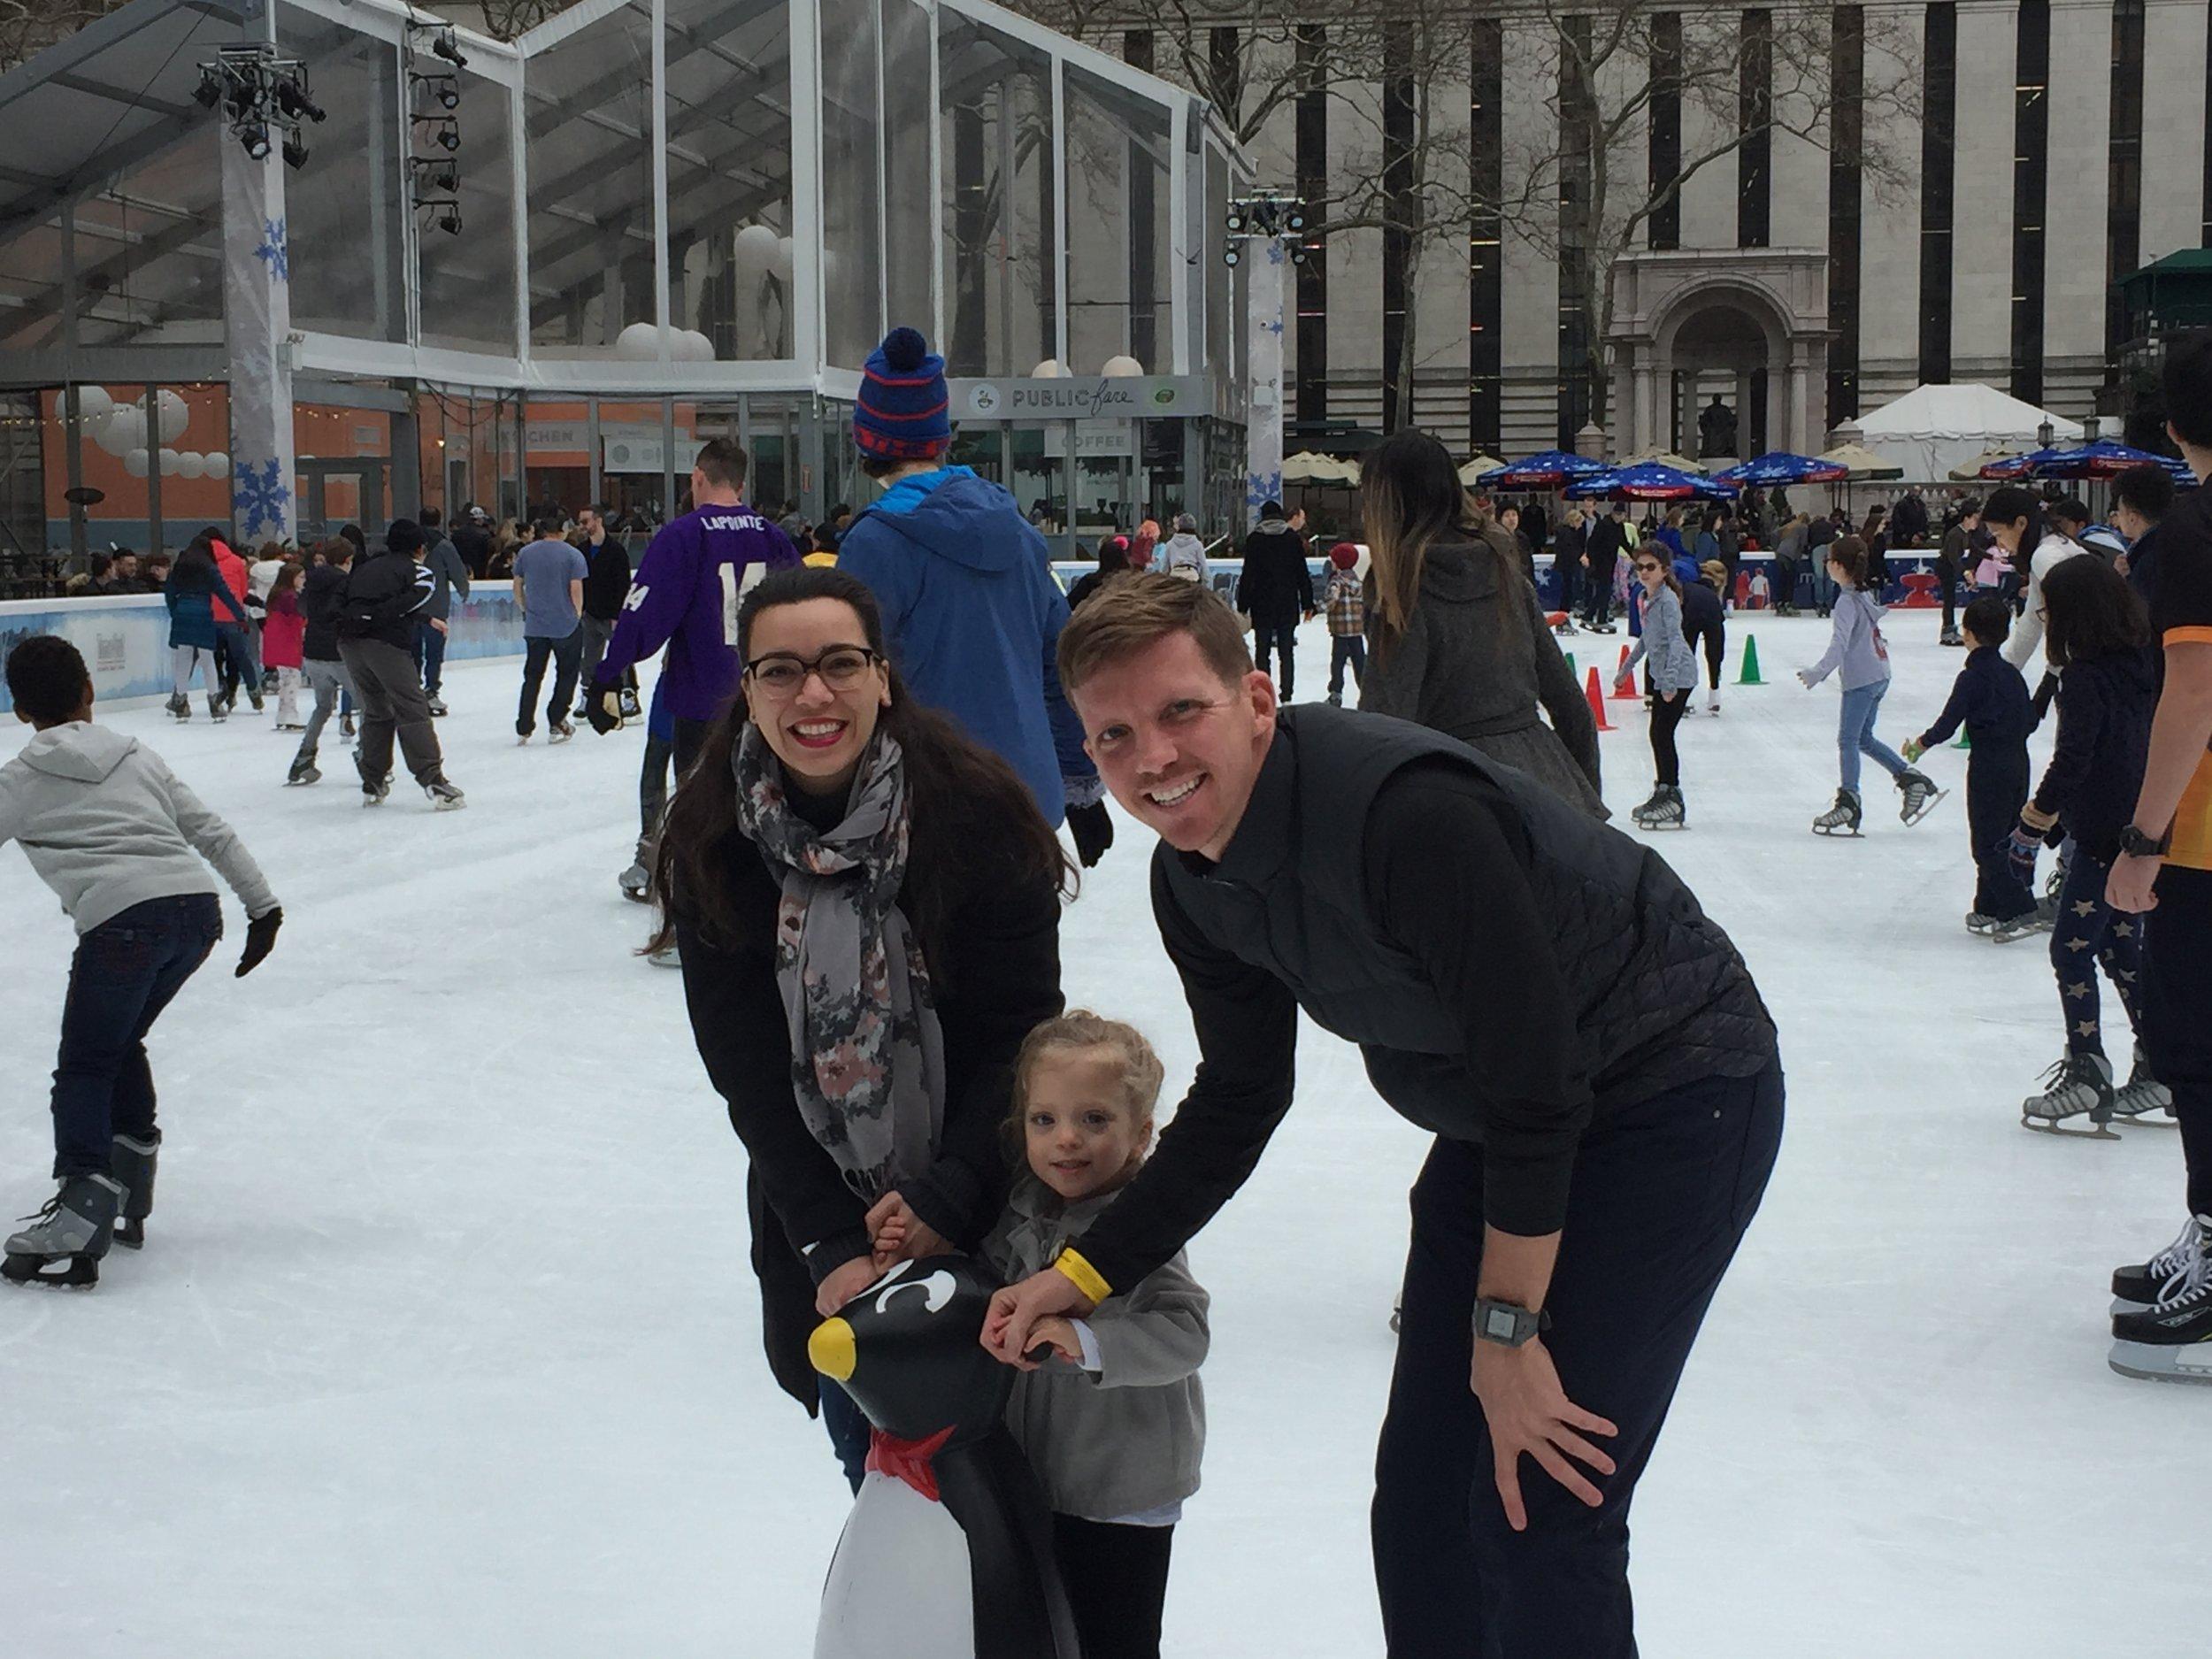 Ice Skating in Bryant Park